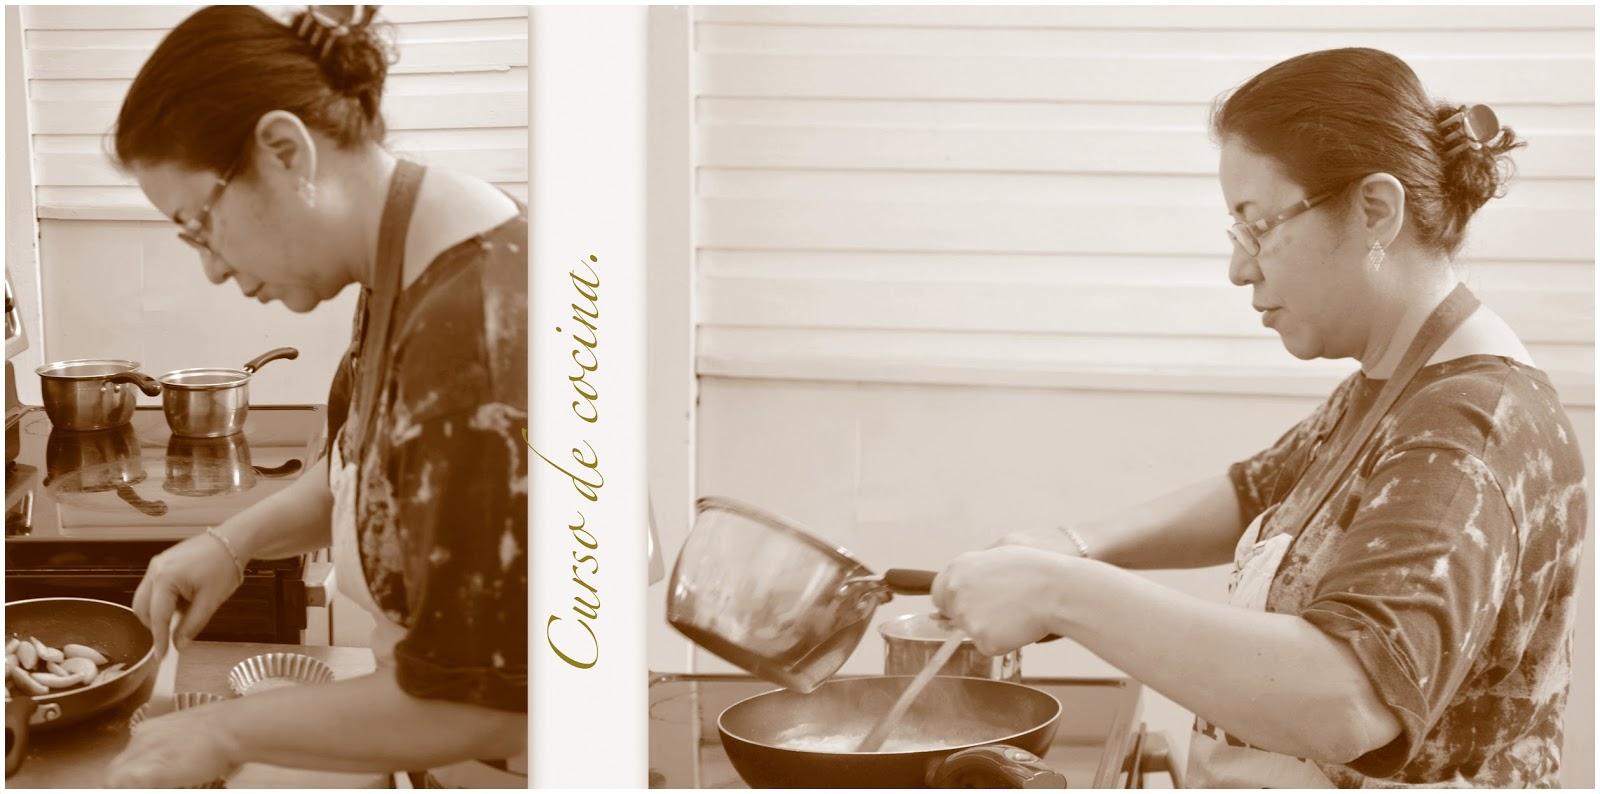 La terrasse french cuisine curso de cocina personalizado - Curso de cocina francesa ...